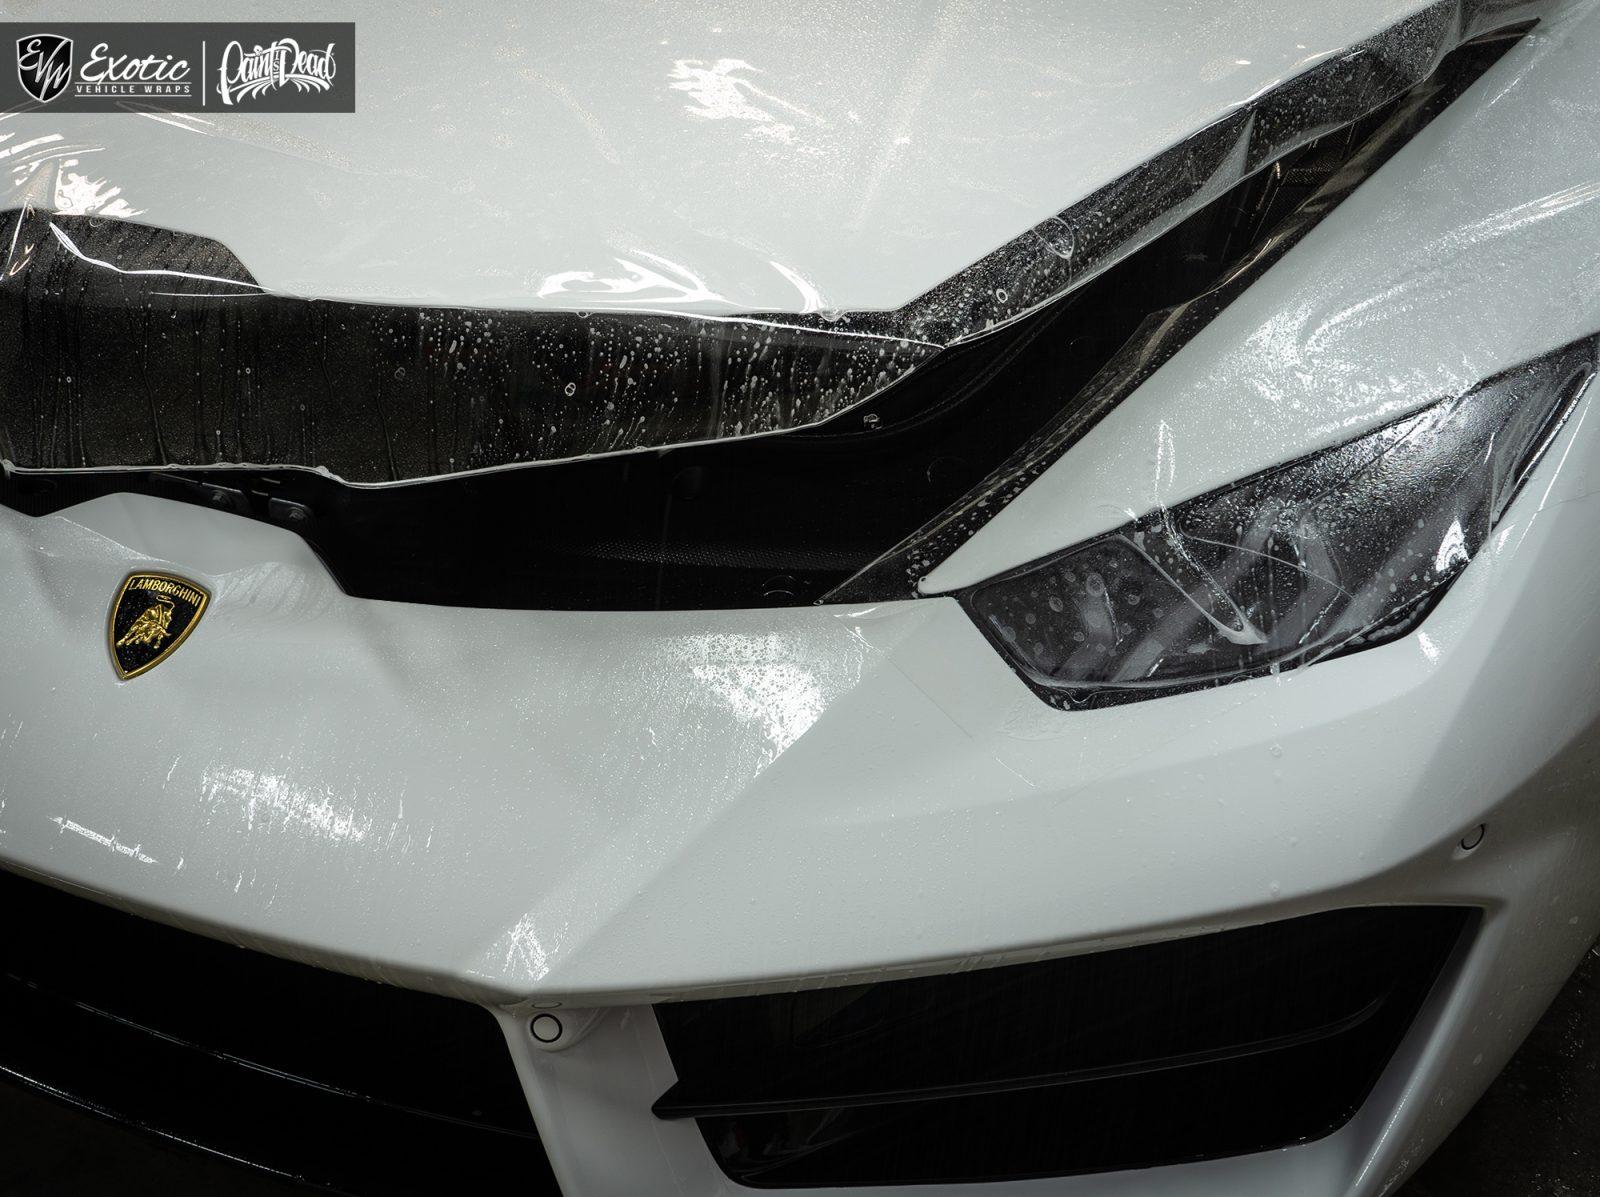 Lamborghini Huracan Full Front End Ppf Roof Side Skirt Gloss Black